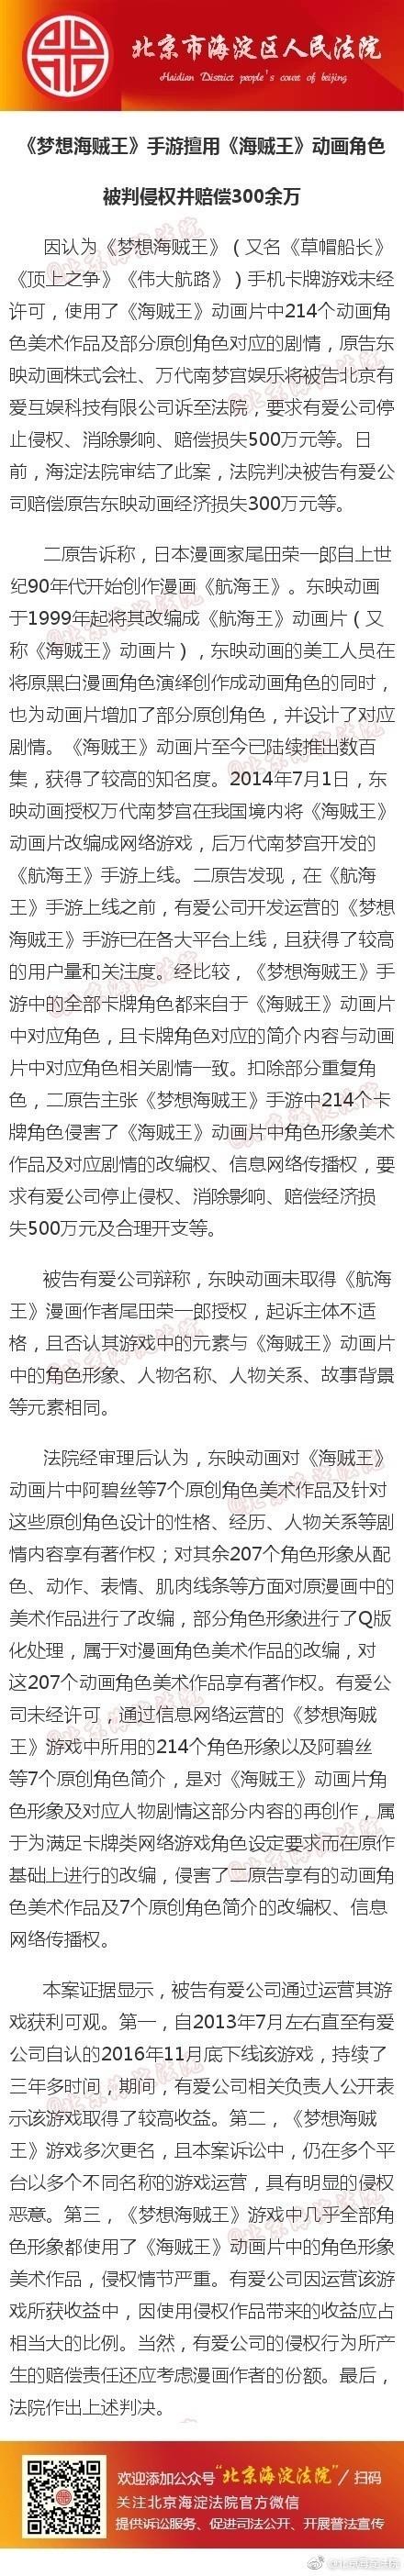 国产卡牌游戏侵权《海贼王》动画片 被判赔偿300万元